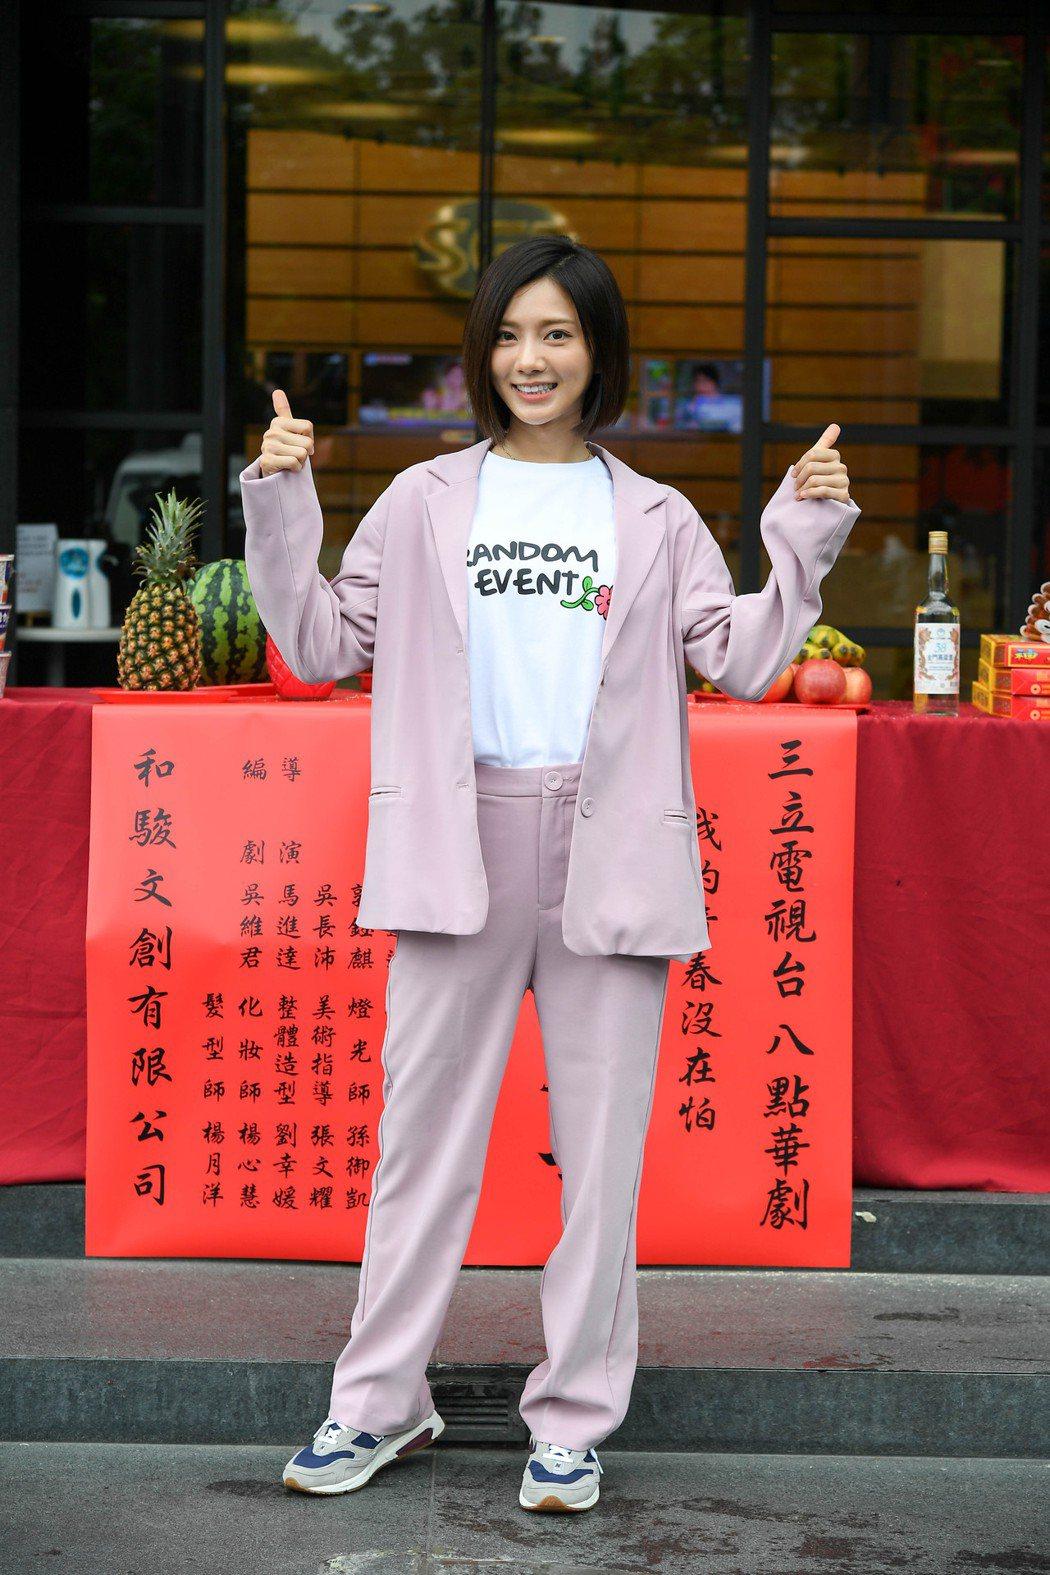 蔡黃汝出席「我的青春沒在怕」開鏡。圖/三立提供